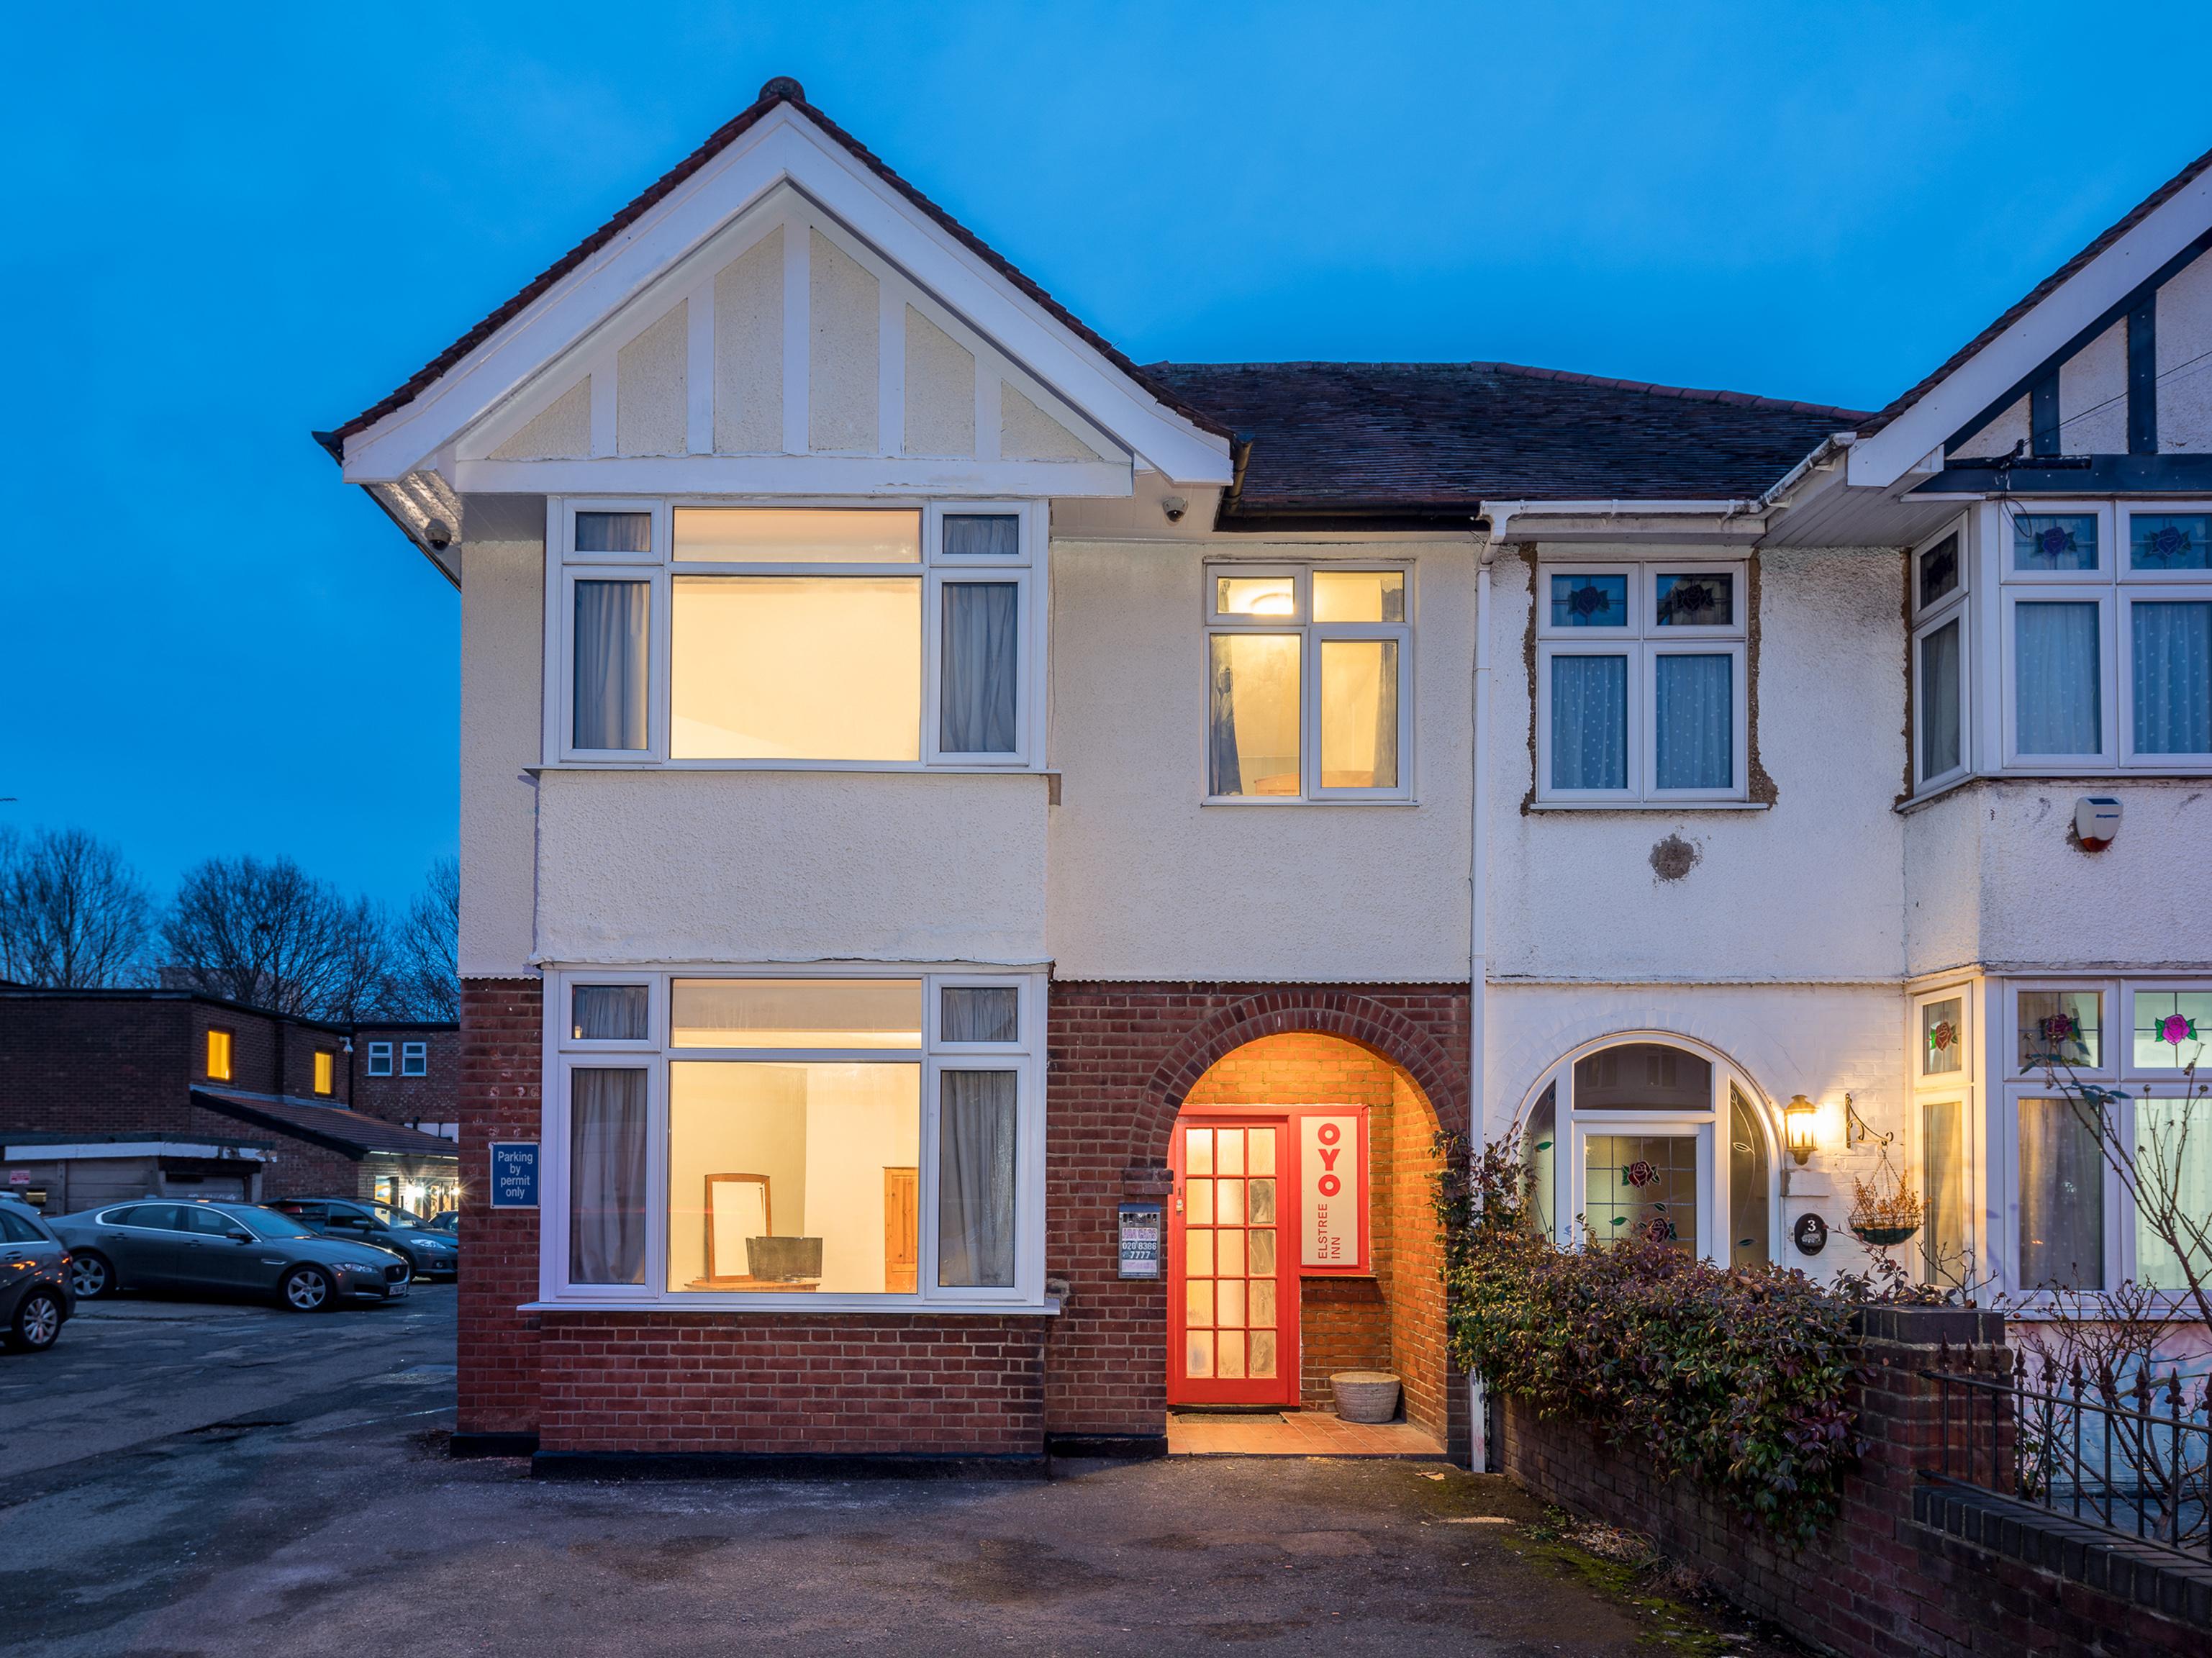 OYO 124 Elstree Inn, Hertfordshire